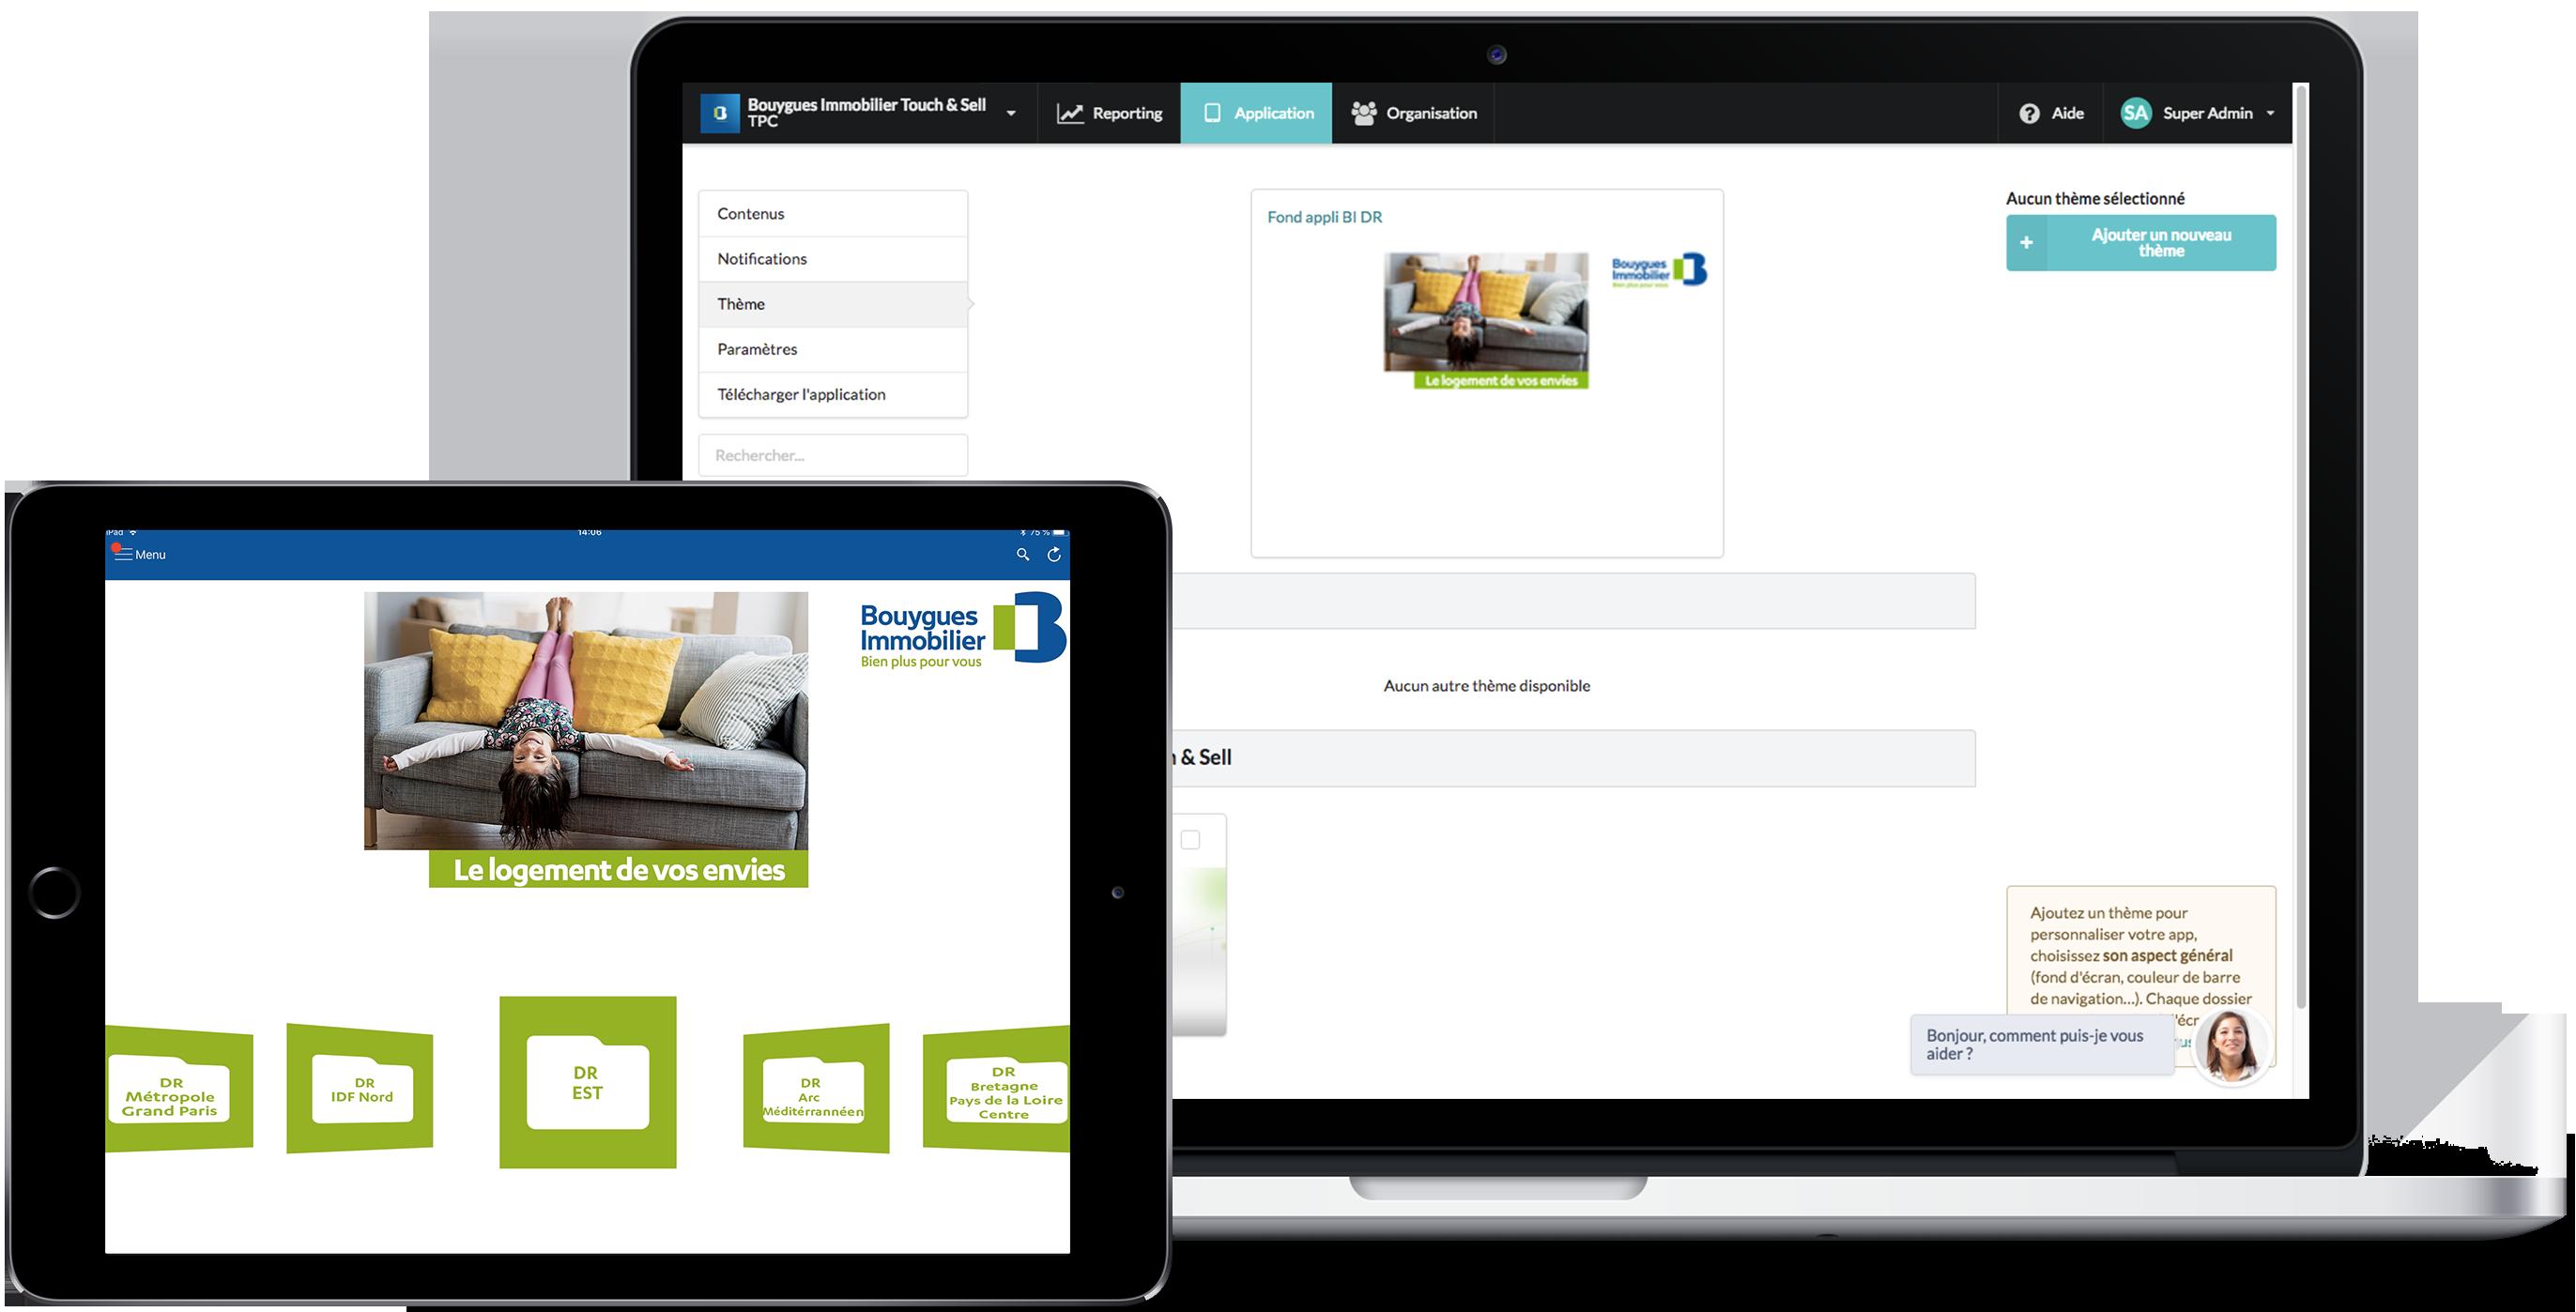 Application de présentation commerciale - Bouygues Immobilier